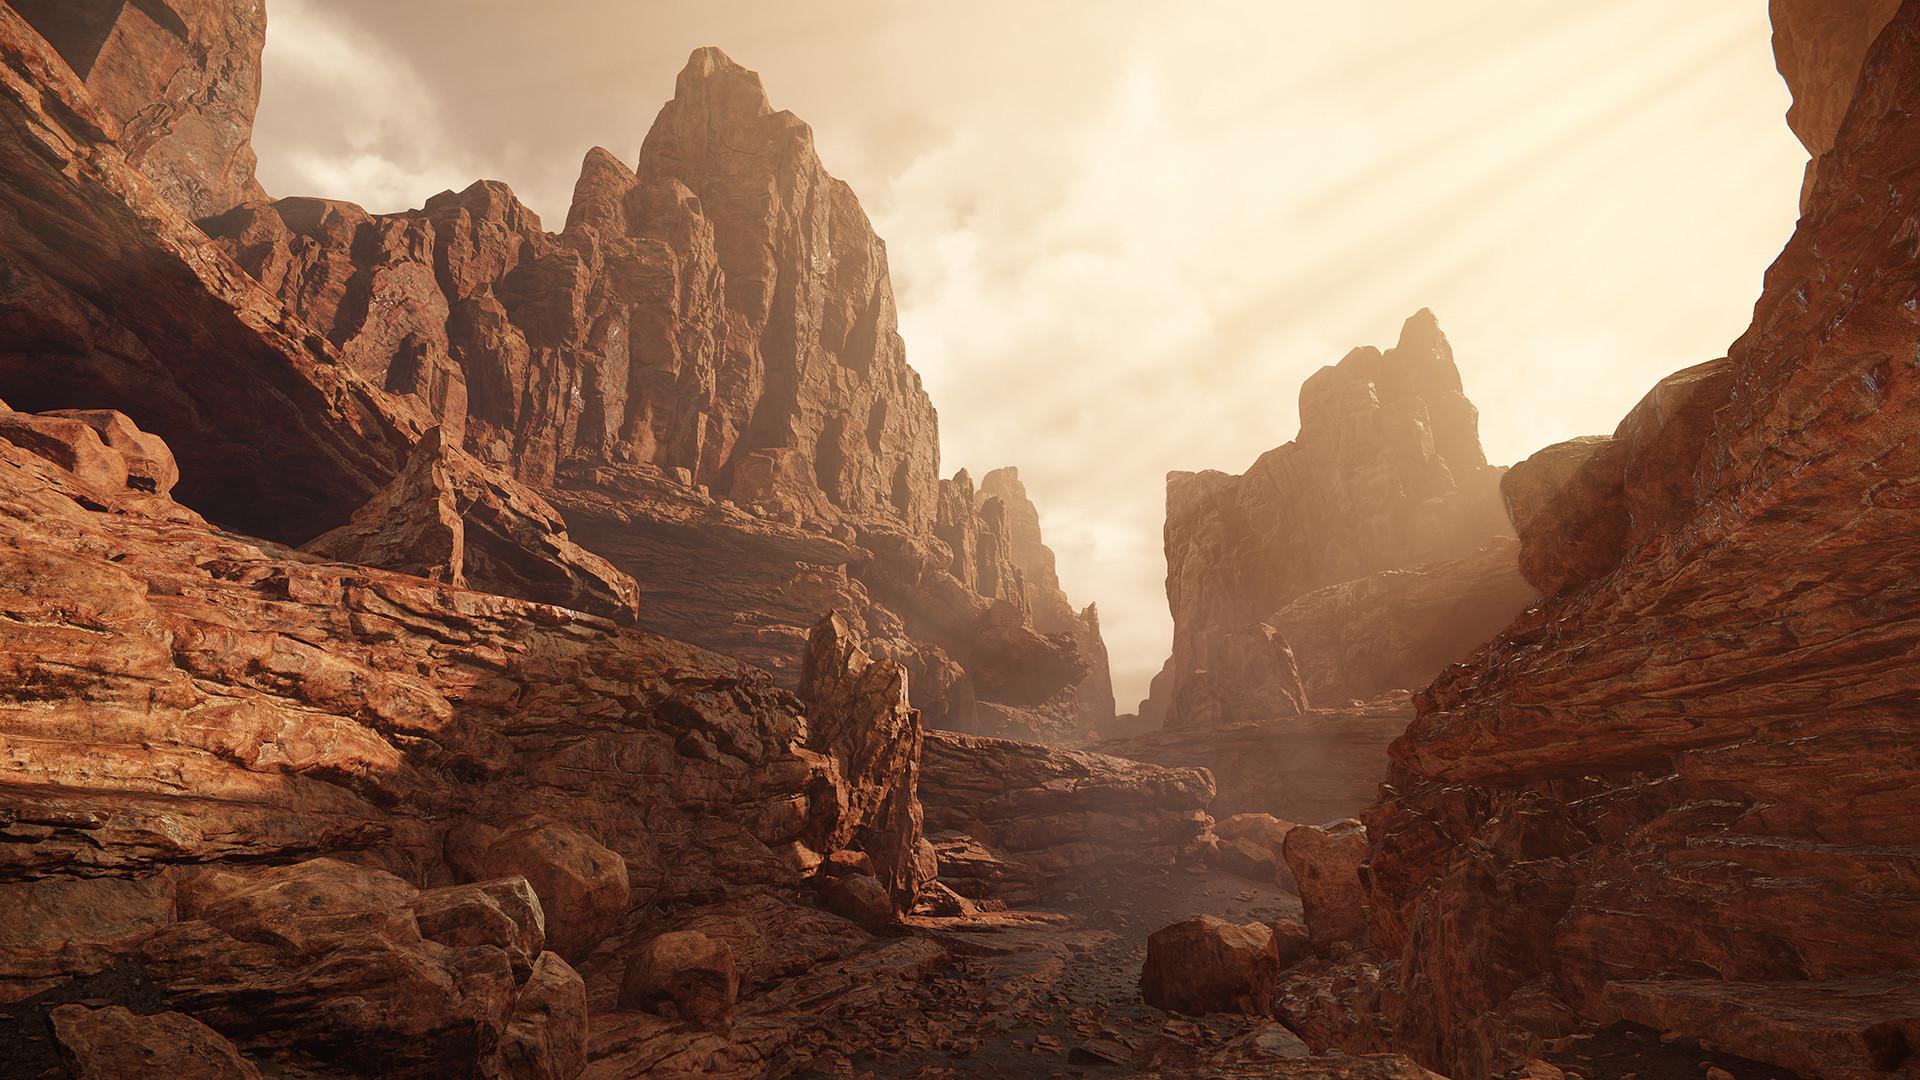 Artstation - Cryengine 3 Wasteland Rocks Pack Walid